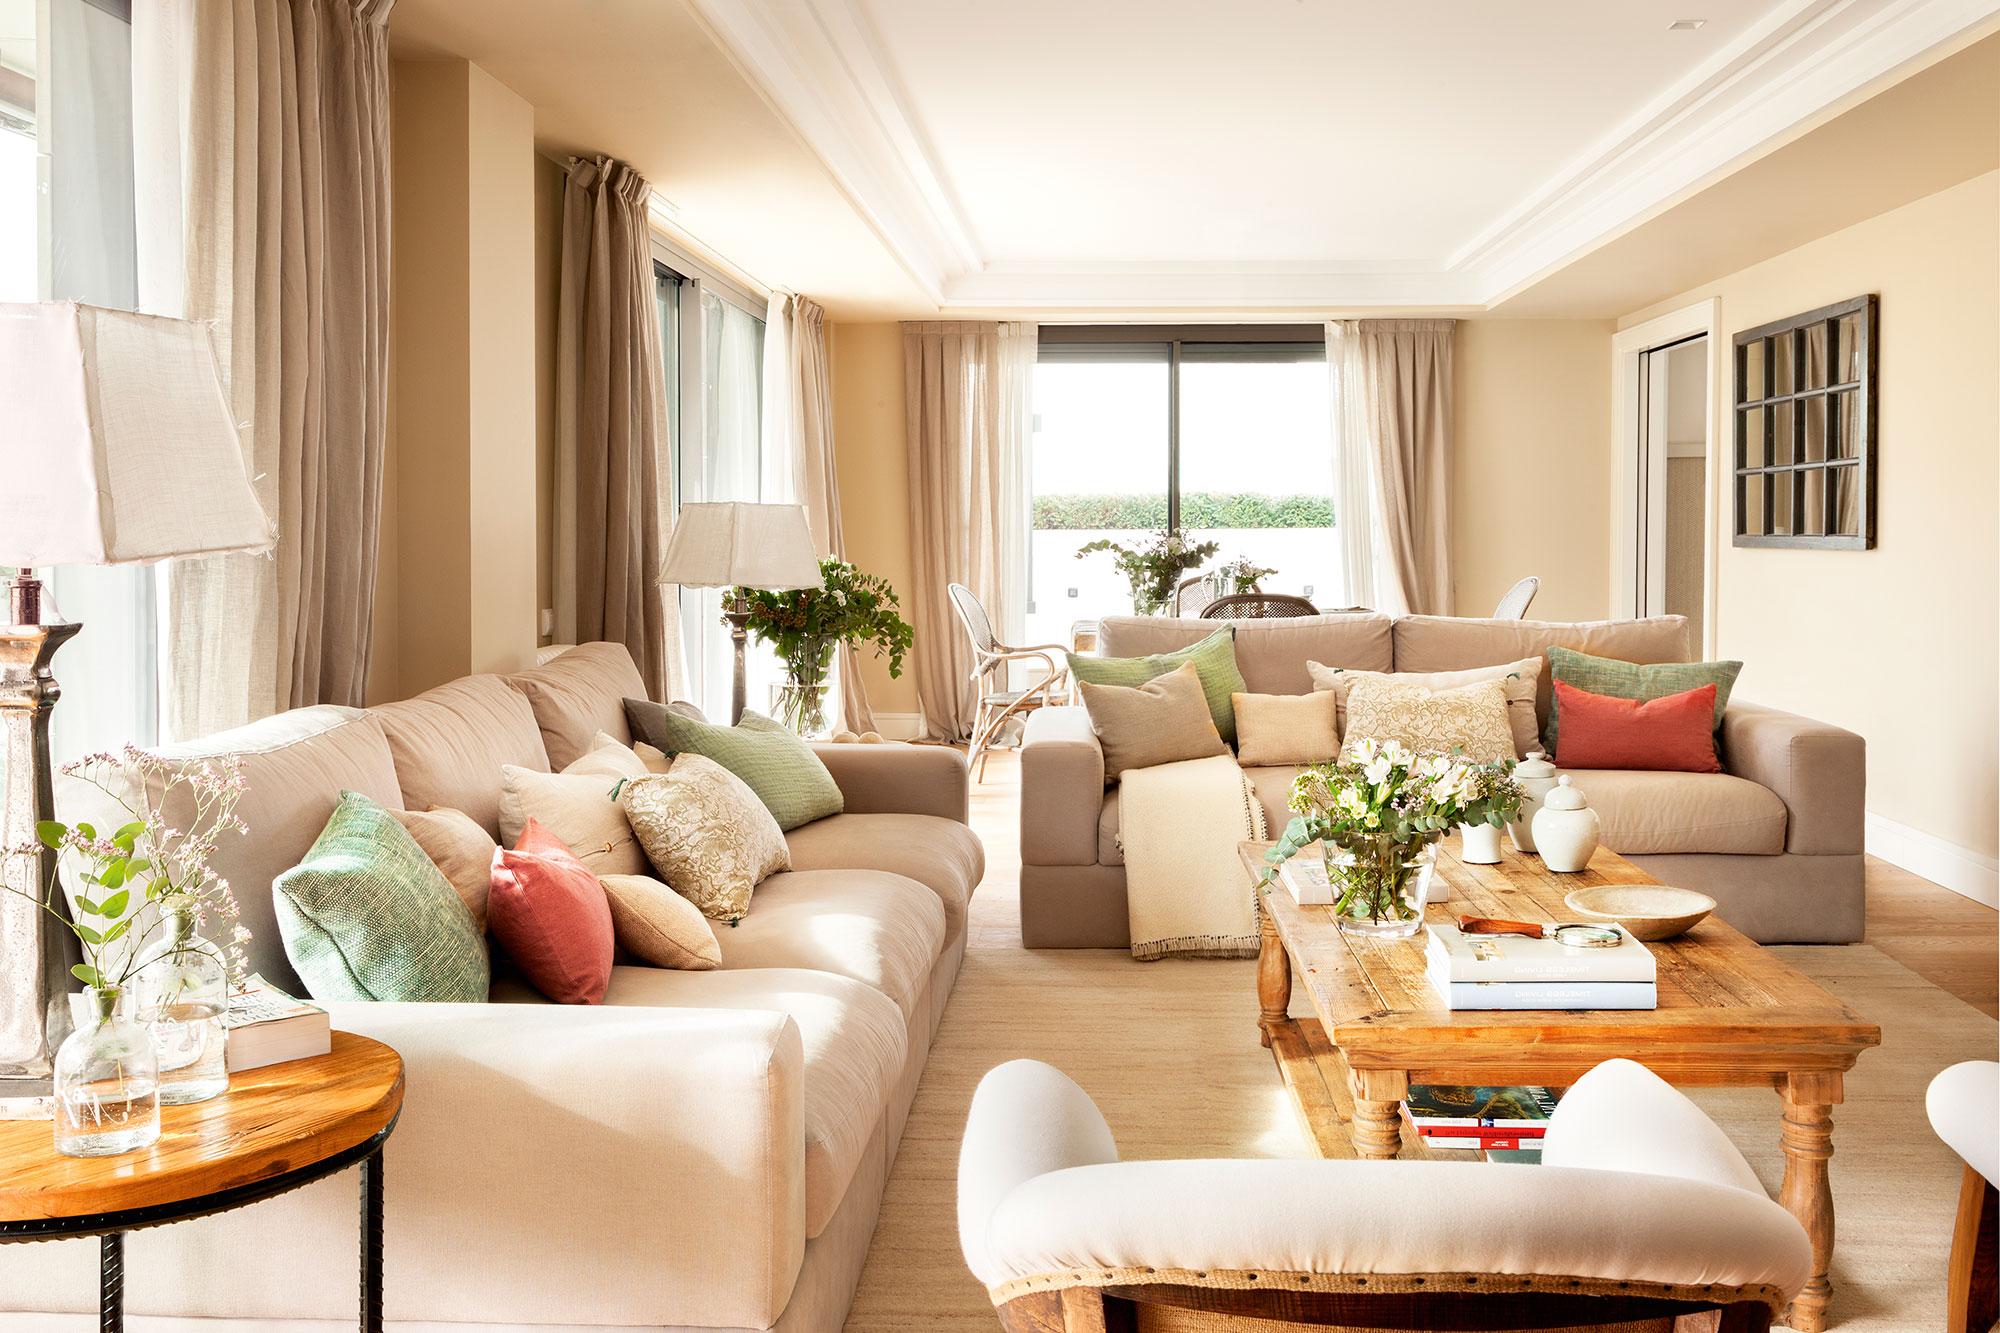 Sofa Cuatro Plazas Txdf 20 sofà S Para todos Los Gustos Y Las Claves De Cà Mo Elegirlo